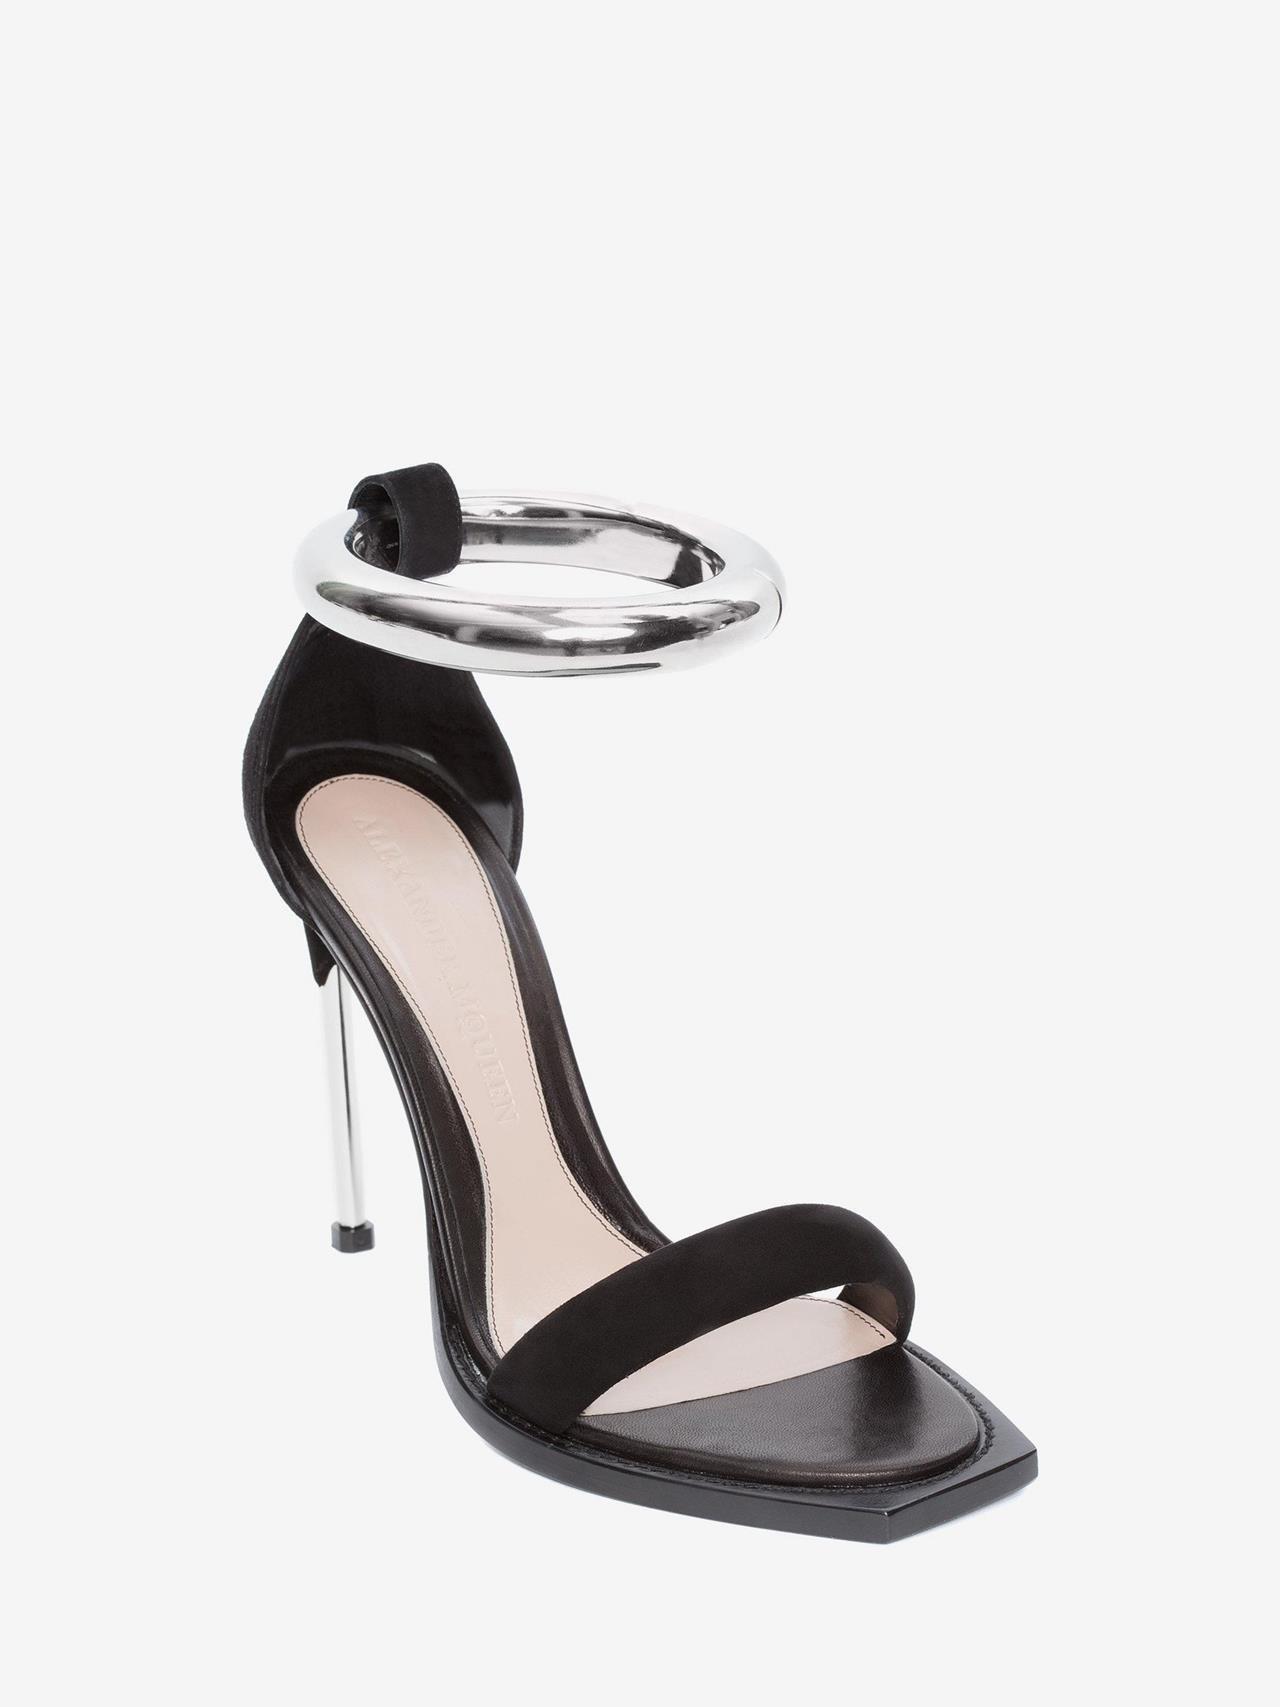 Alexander_McQueen's_Pin_Heel_Bangle_Sandal